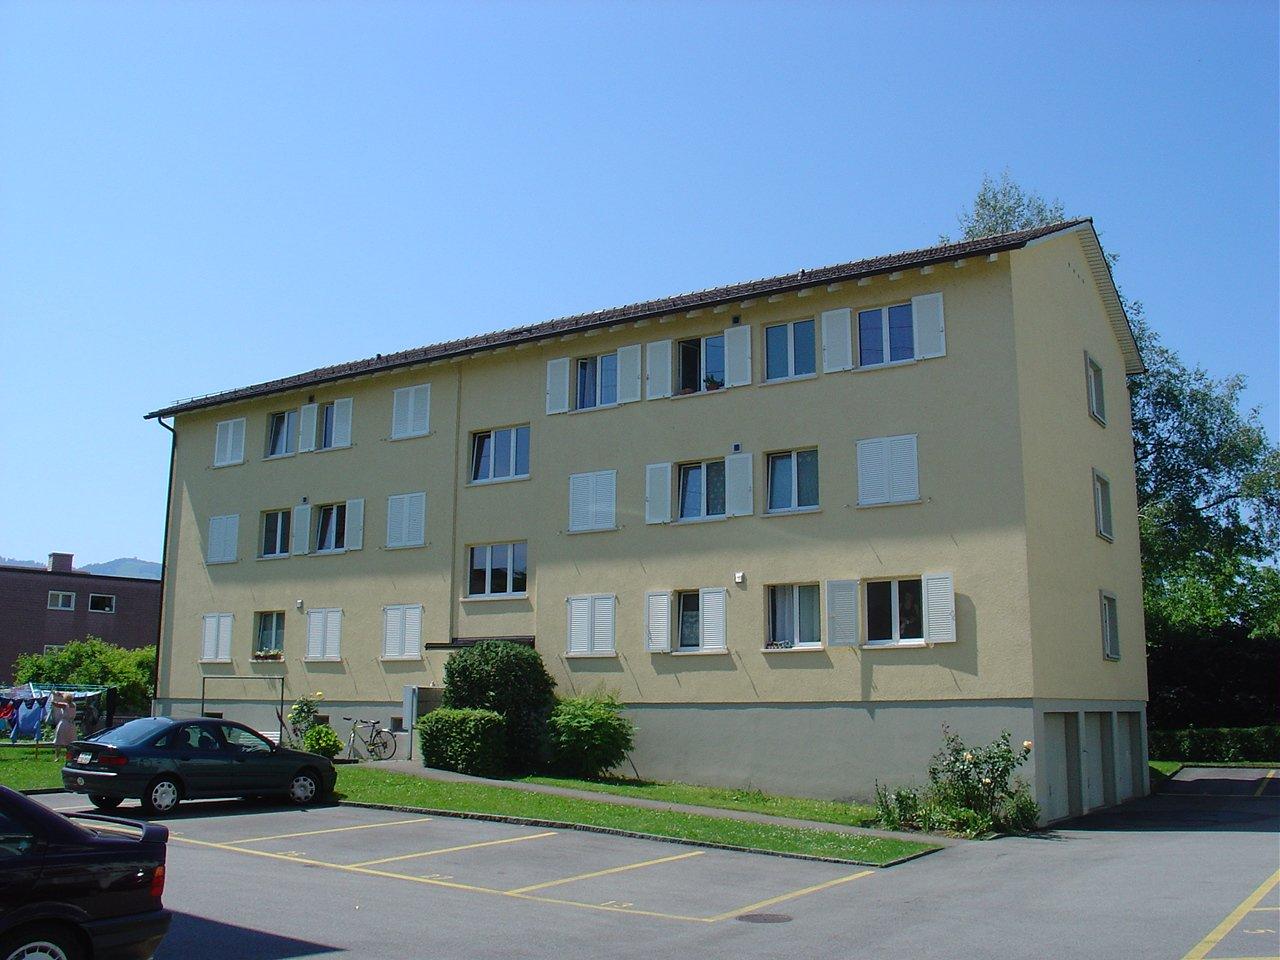 Eichfeldstrasse 22